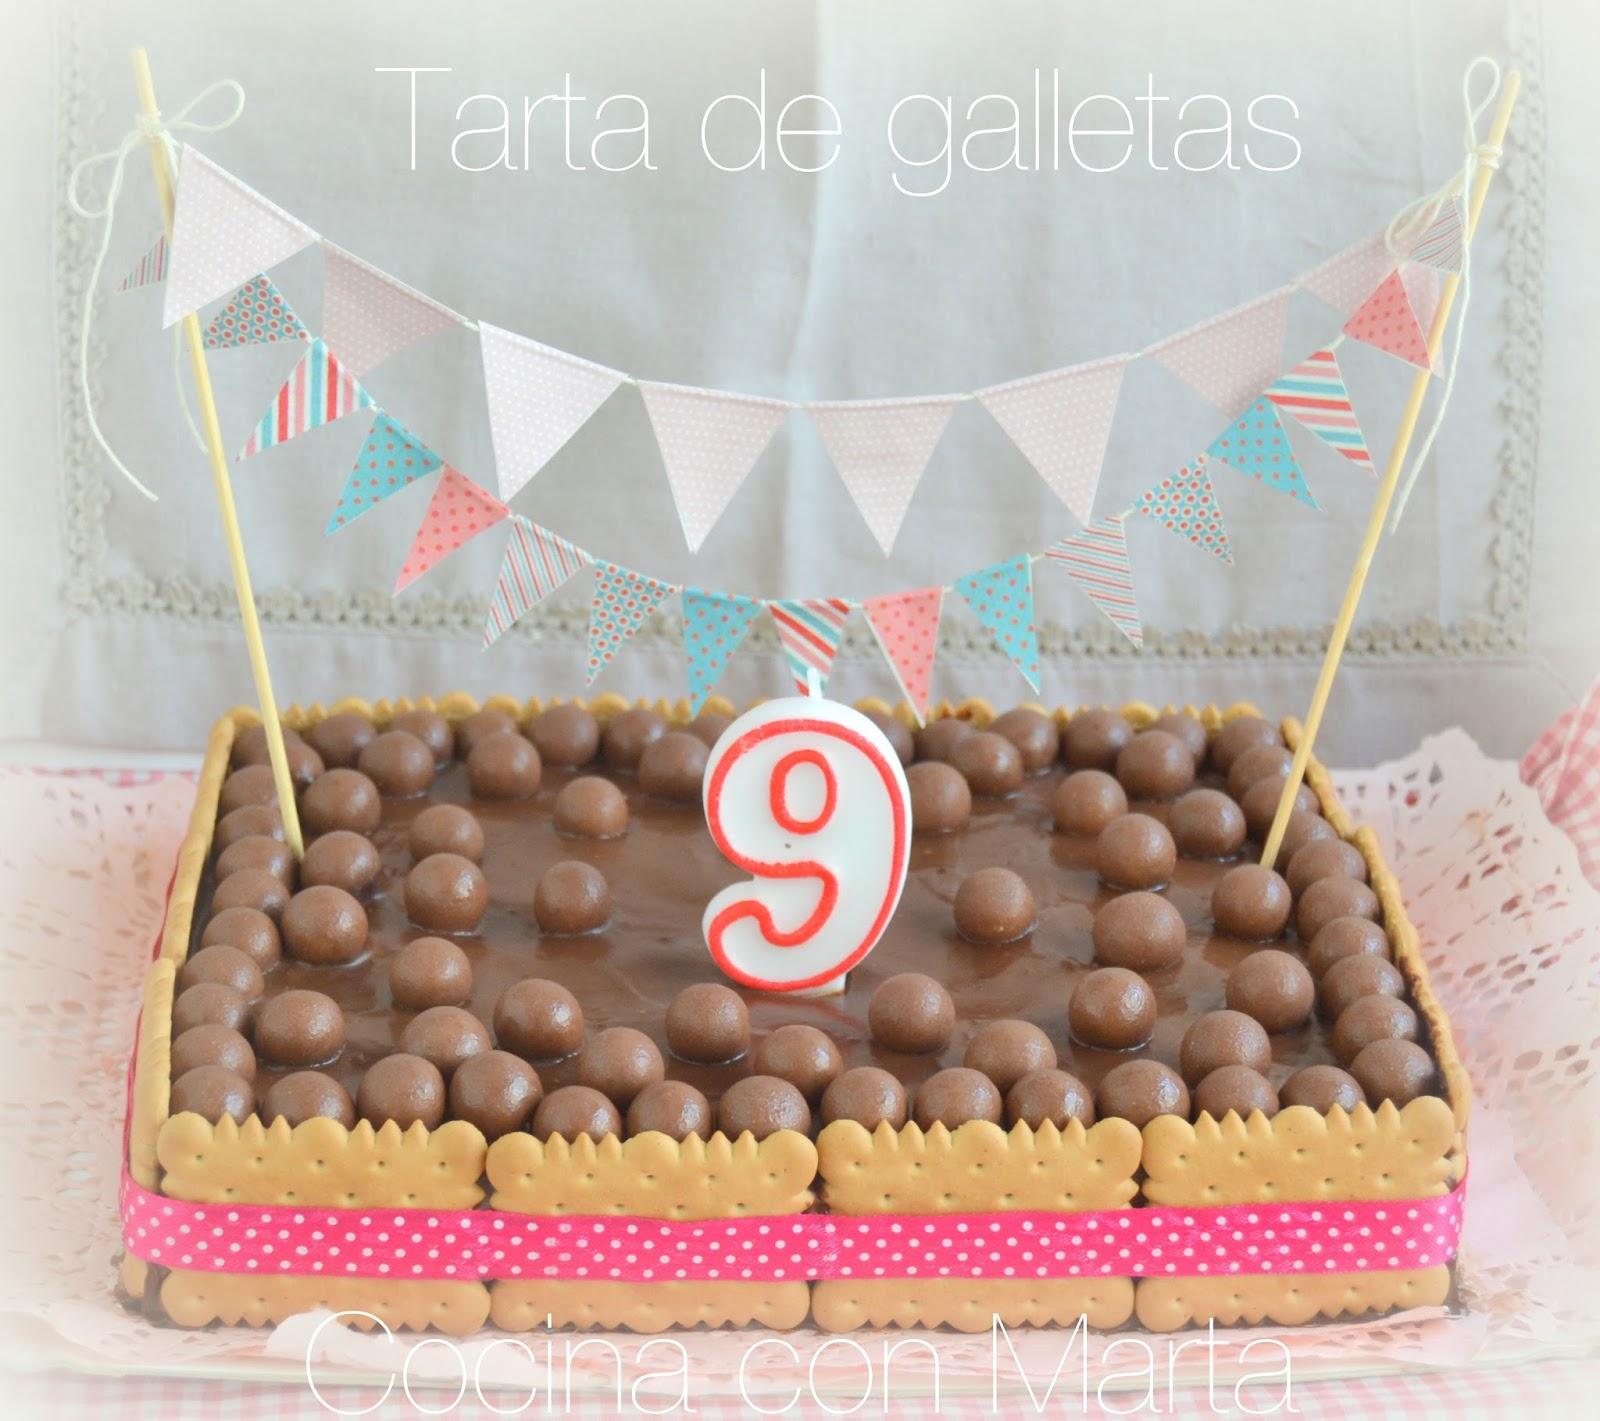 Receta casera de tarta chocolate con galletas, claras de huevo, mousse de chocolate. Fácil, rápida, para niños y cumpleaños.